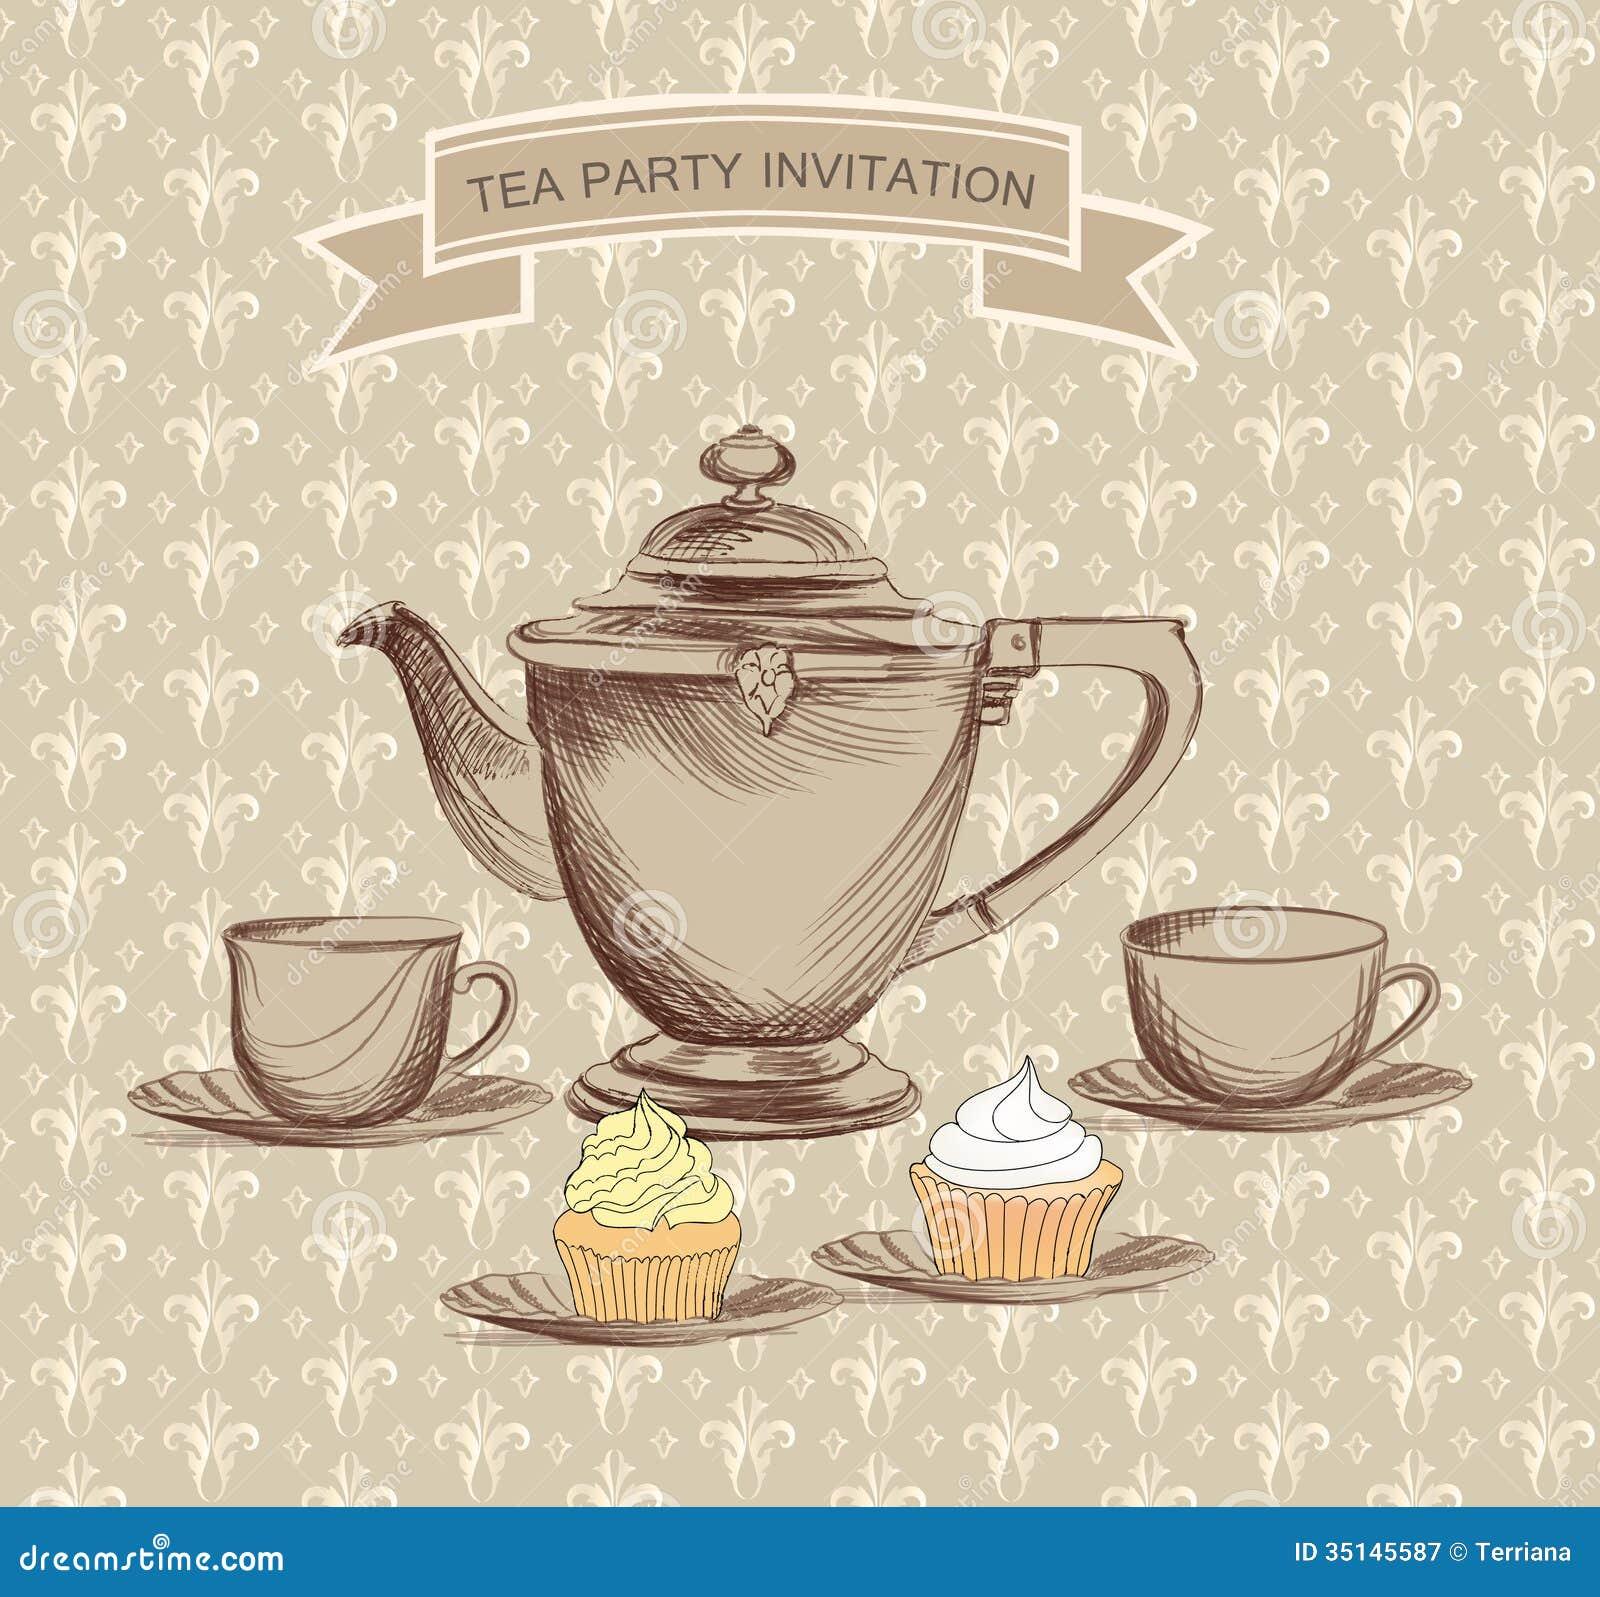 tea time vintage label vector victorian illustration stock illustration illustration of. Black Bedroom Furniture Sets. Home Design Ideas